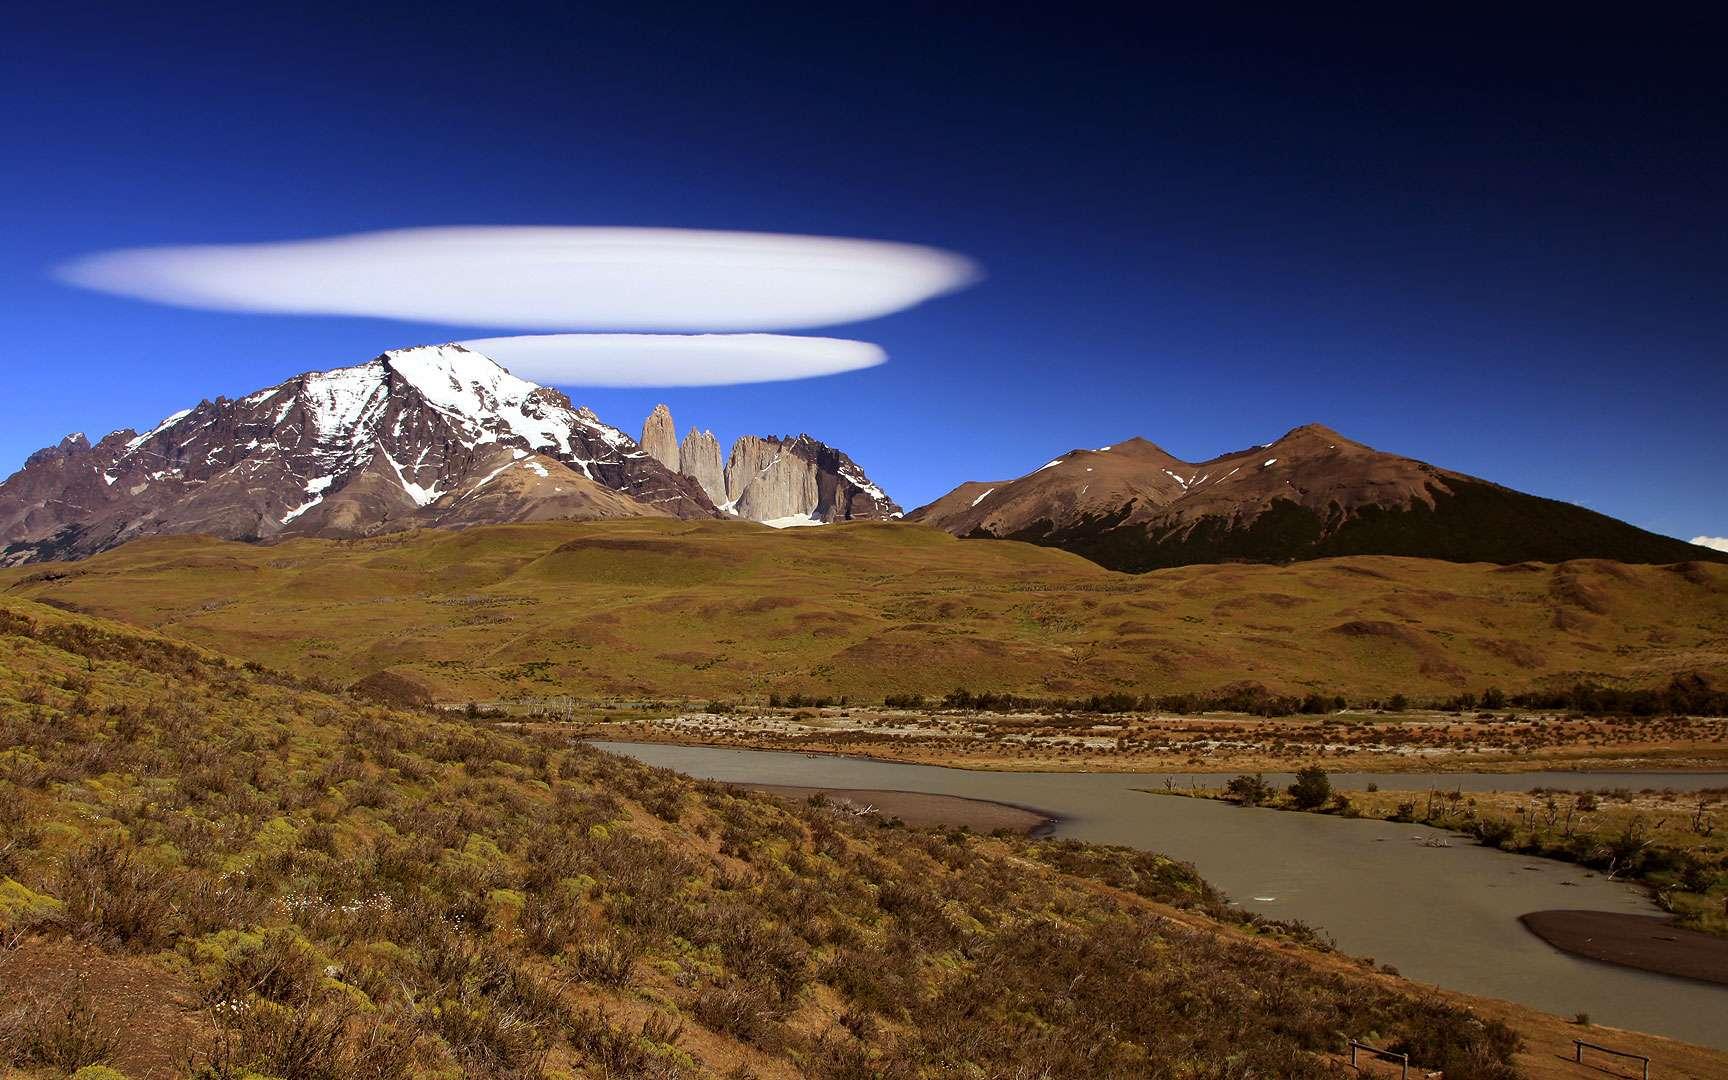 Les nuages lenticulaires : des soucoupes volantes dans le ciel